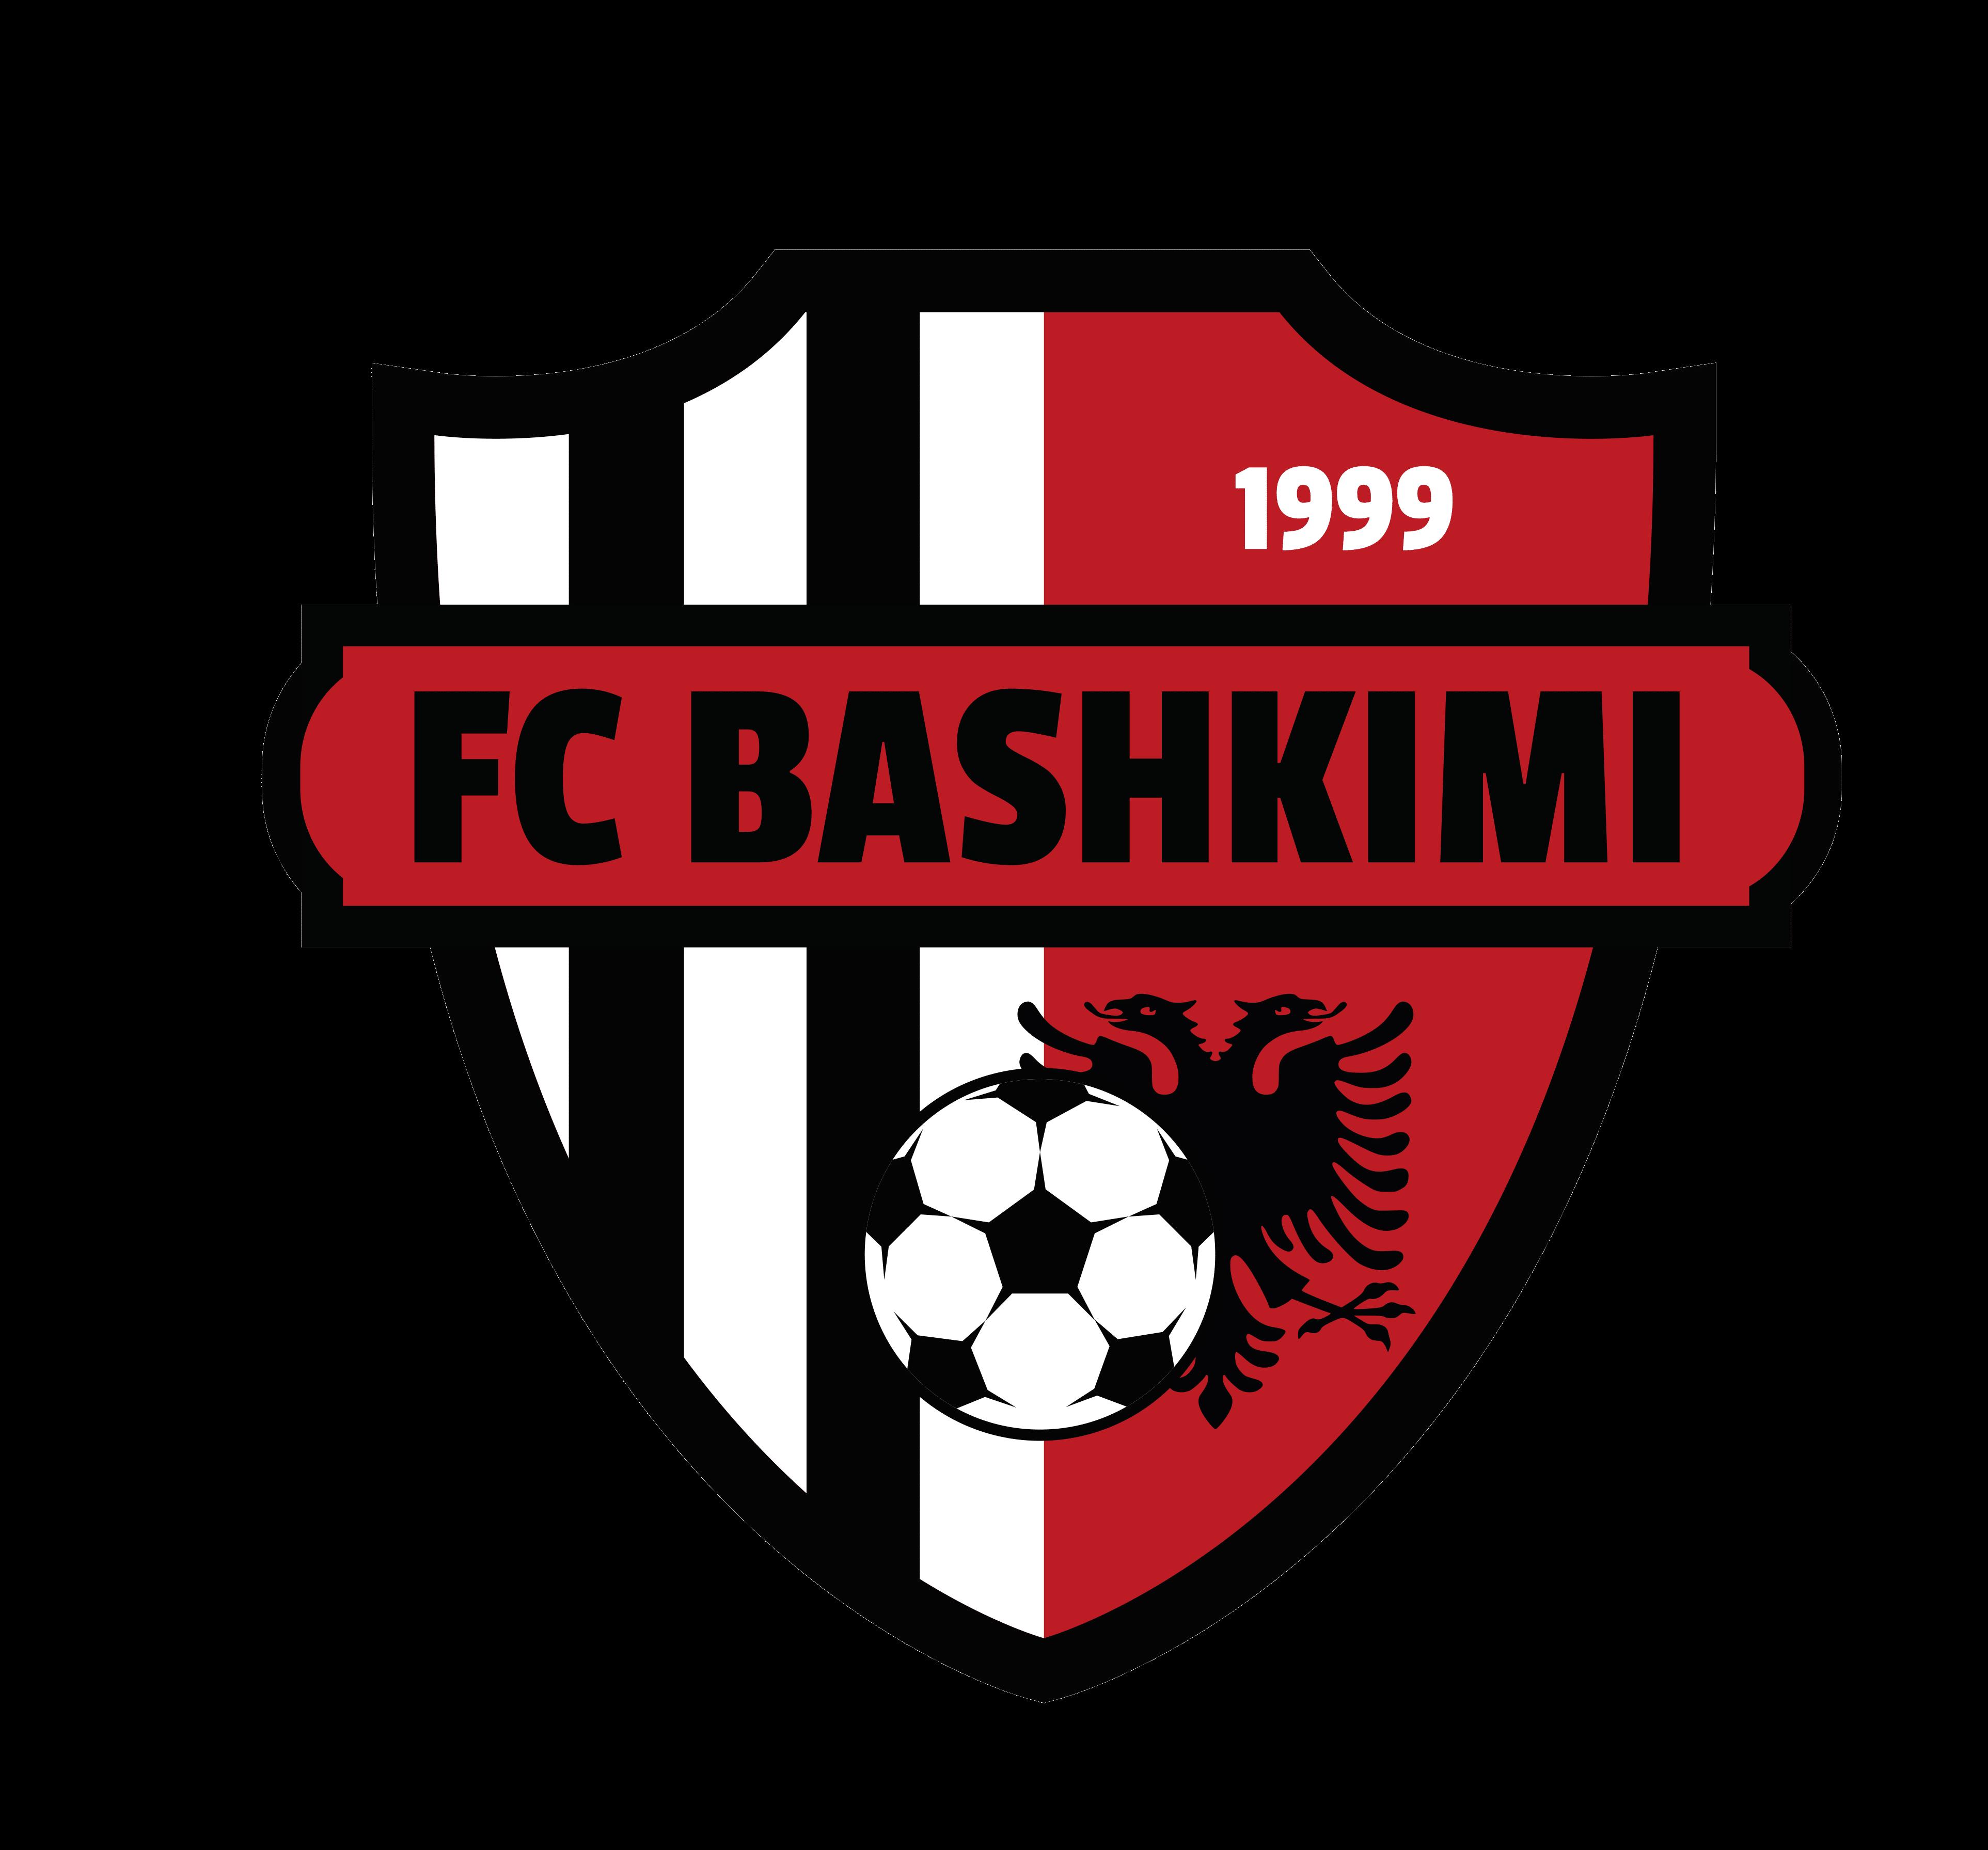 FC Bashkimi 99